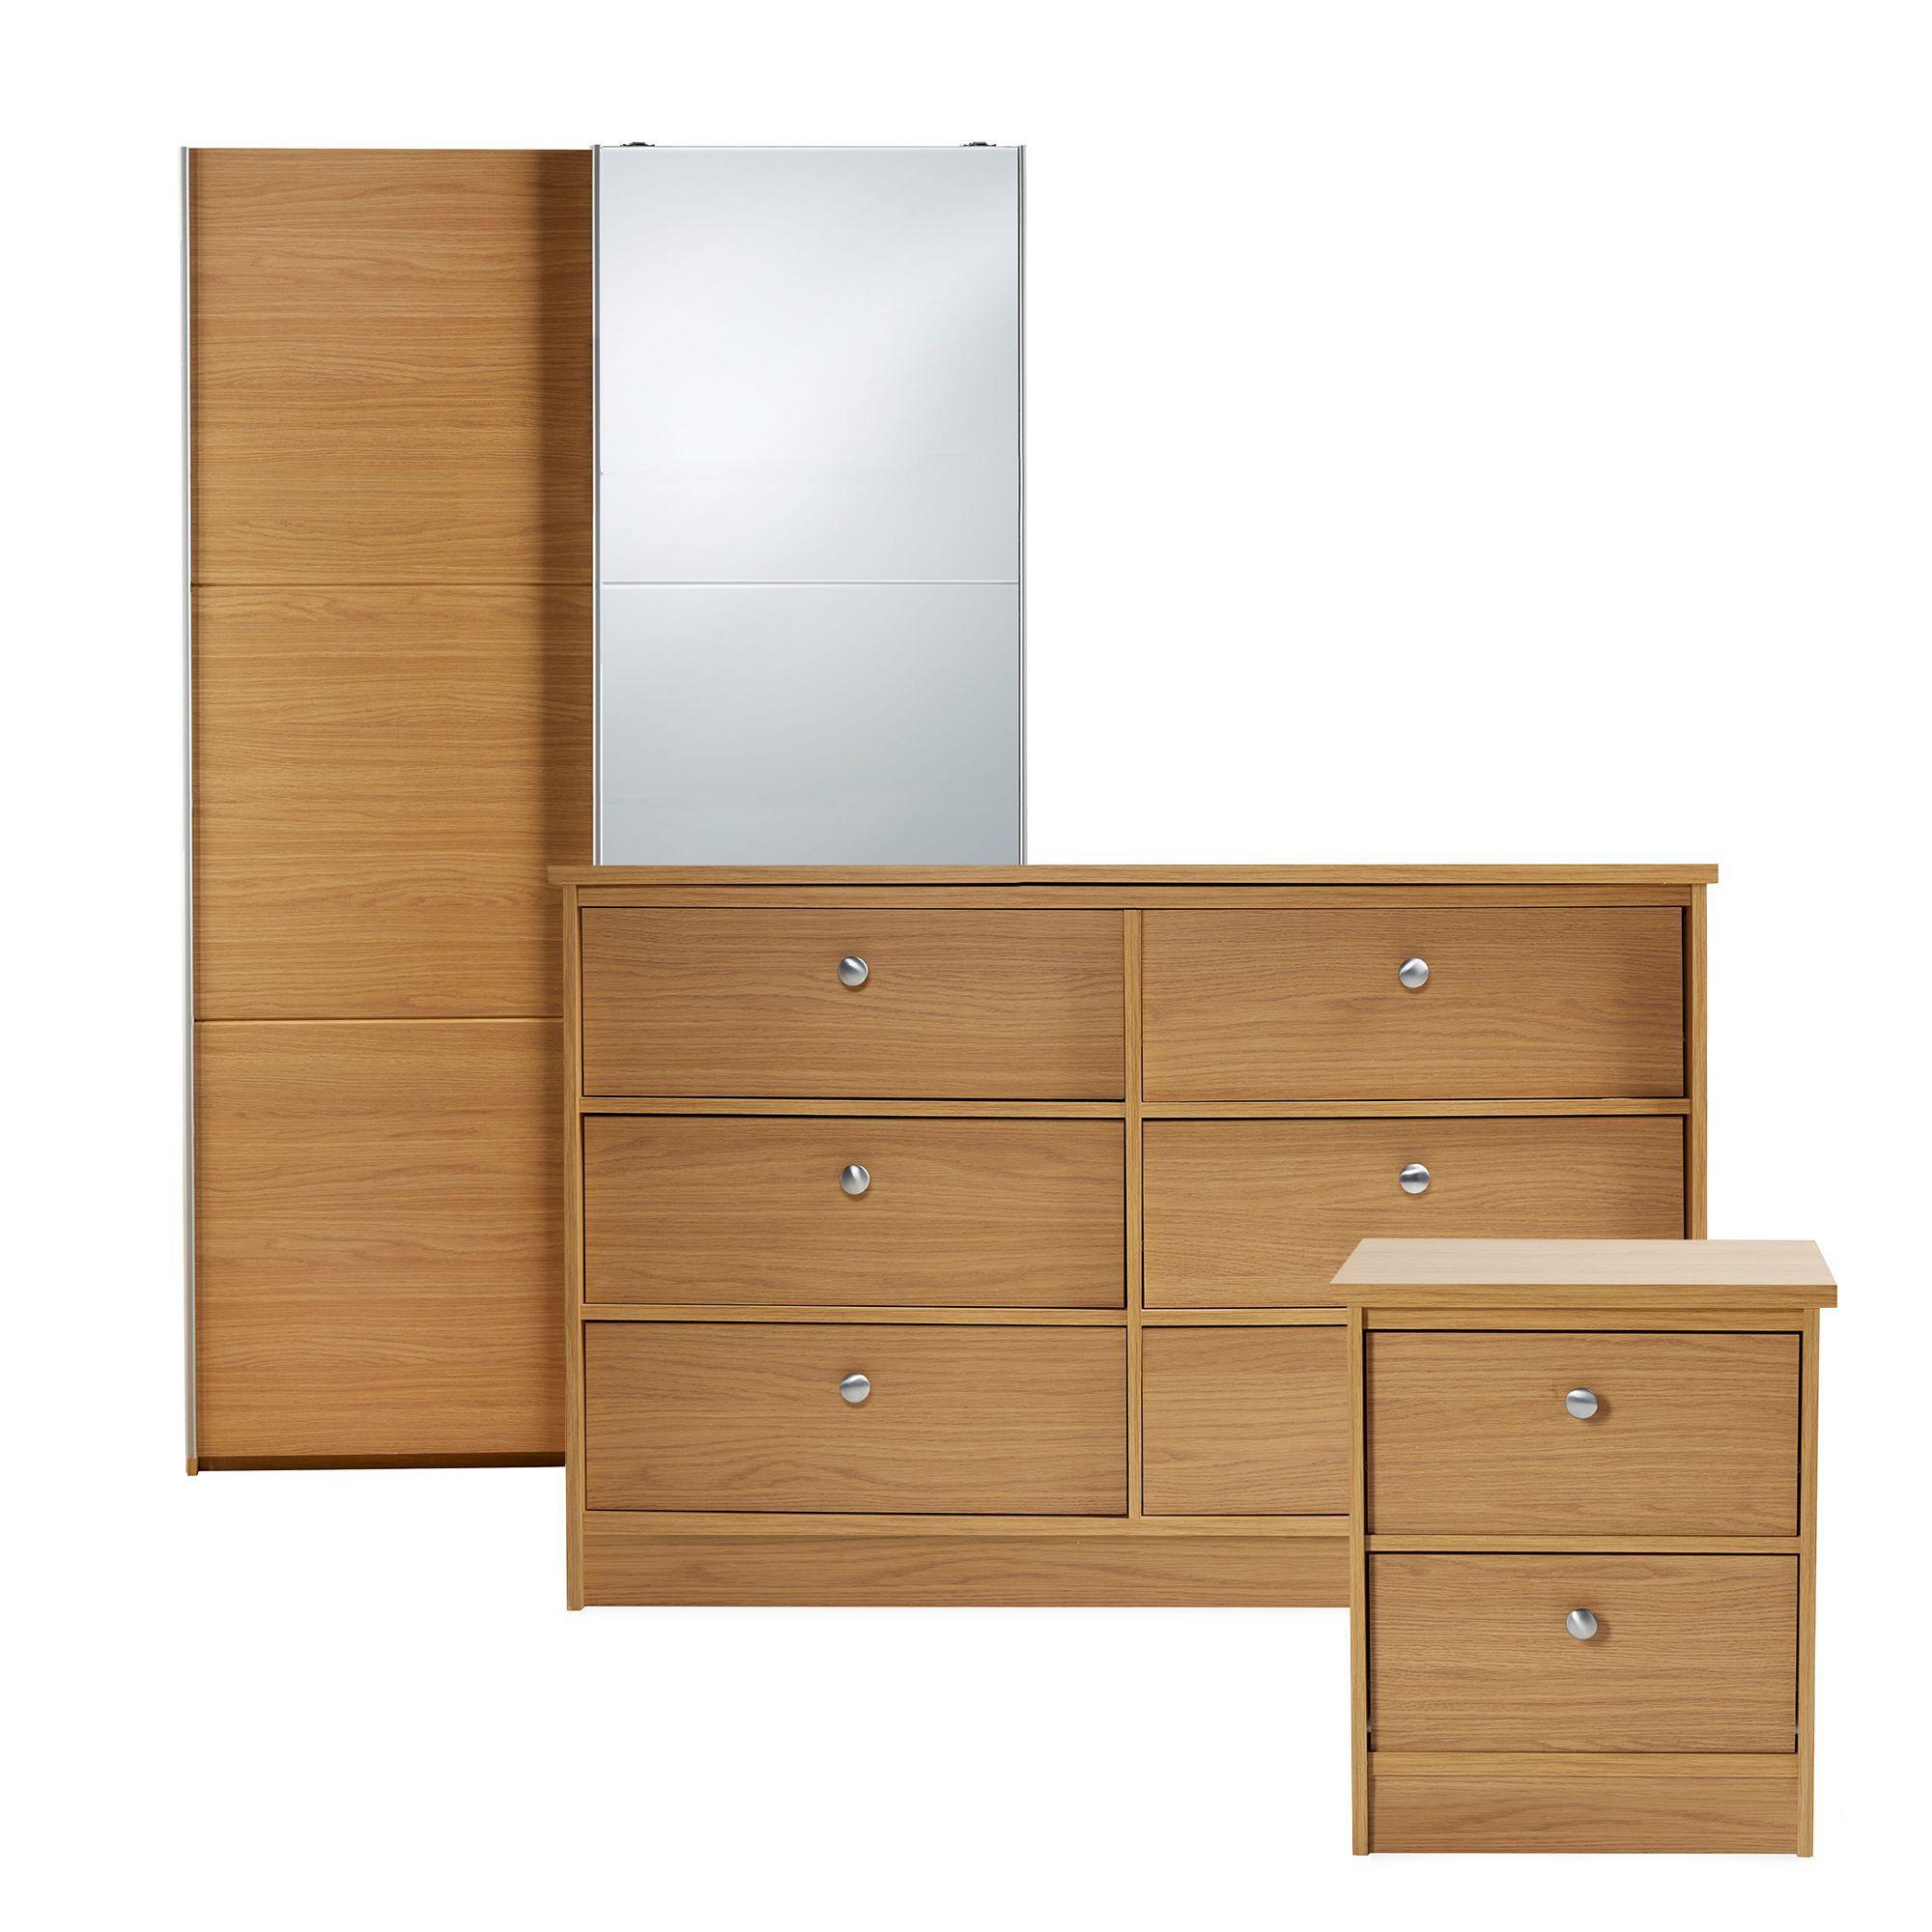 Oak Effect Bedroom Furniture Sets Isabella White 3 Piece Bedroom Furniture Set Departments Diy